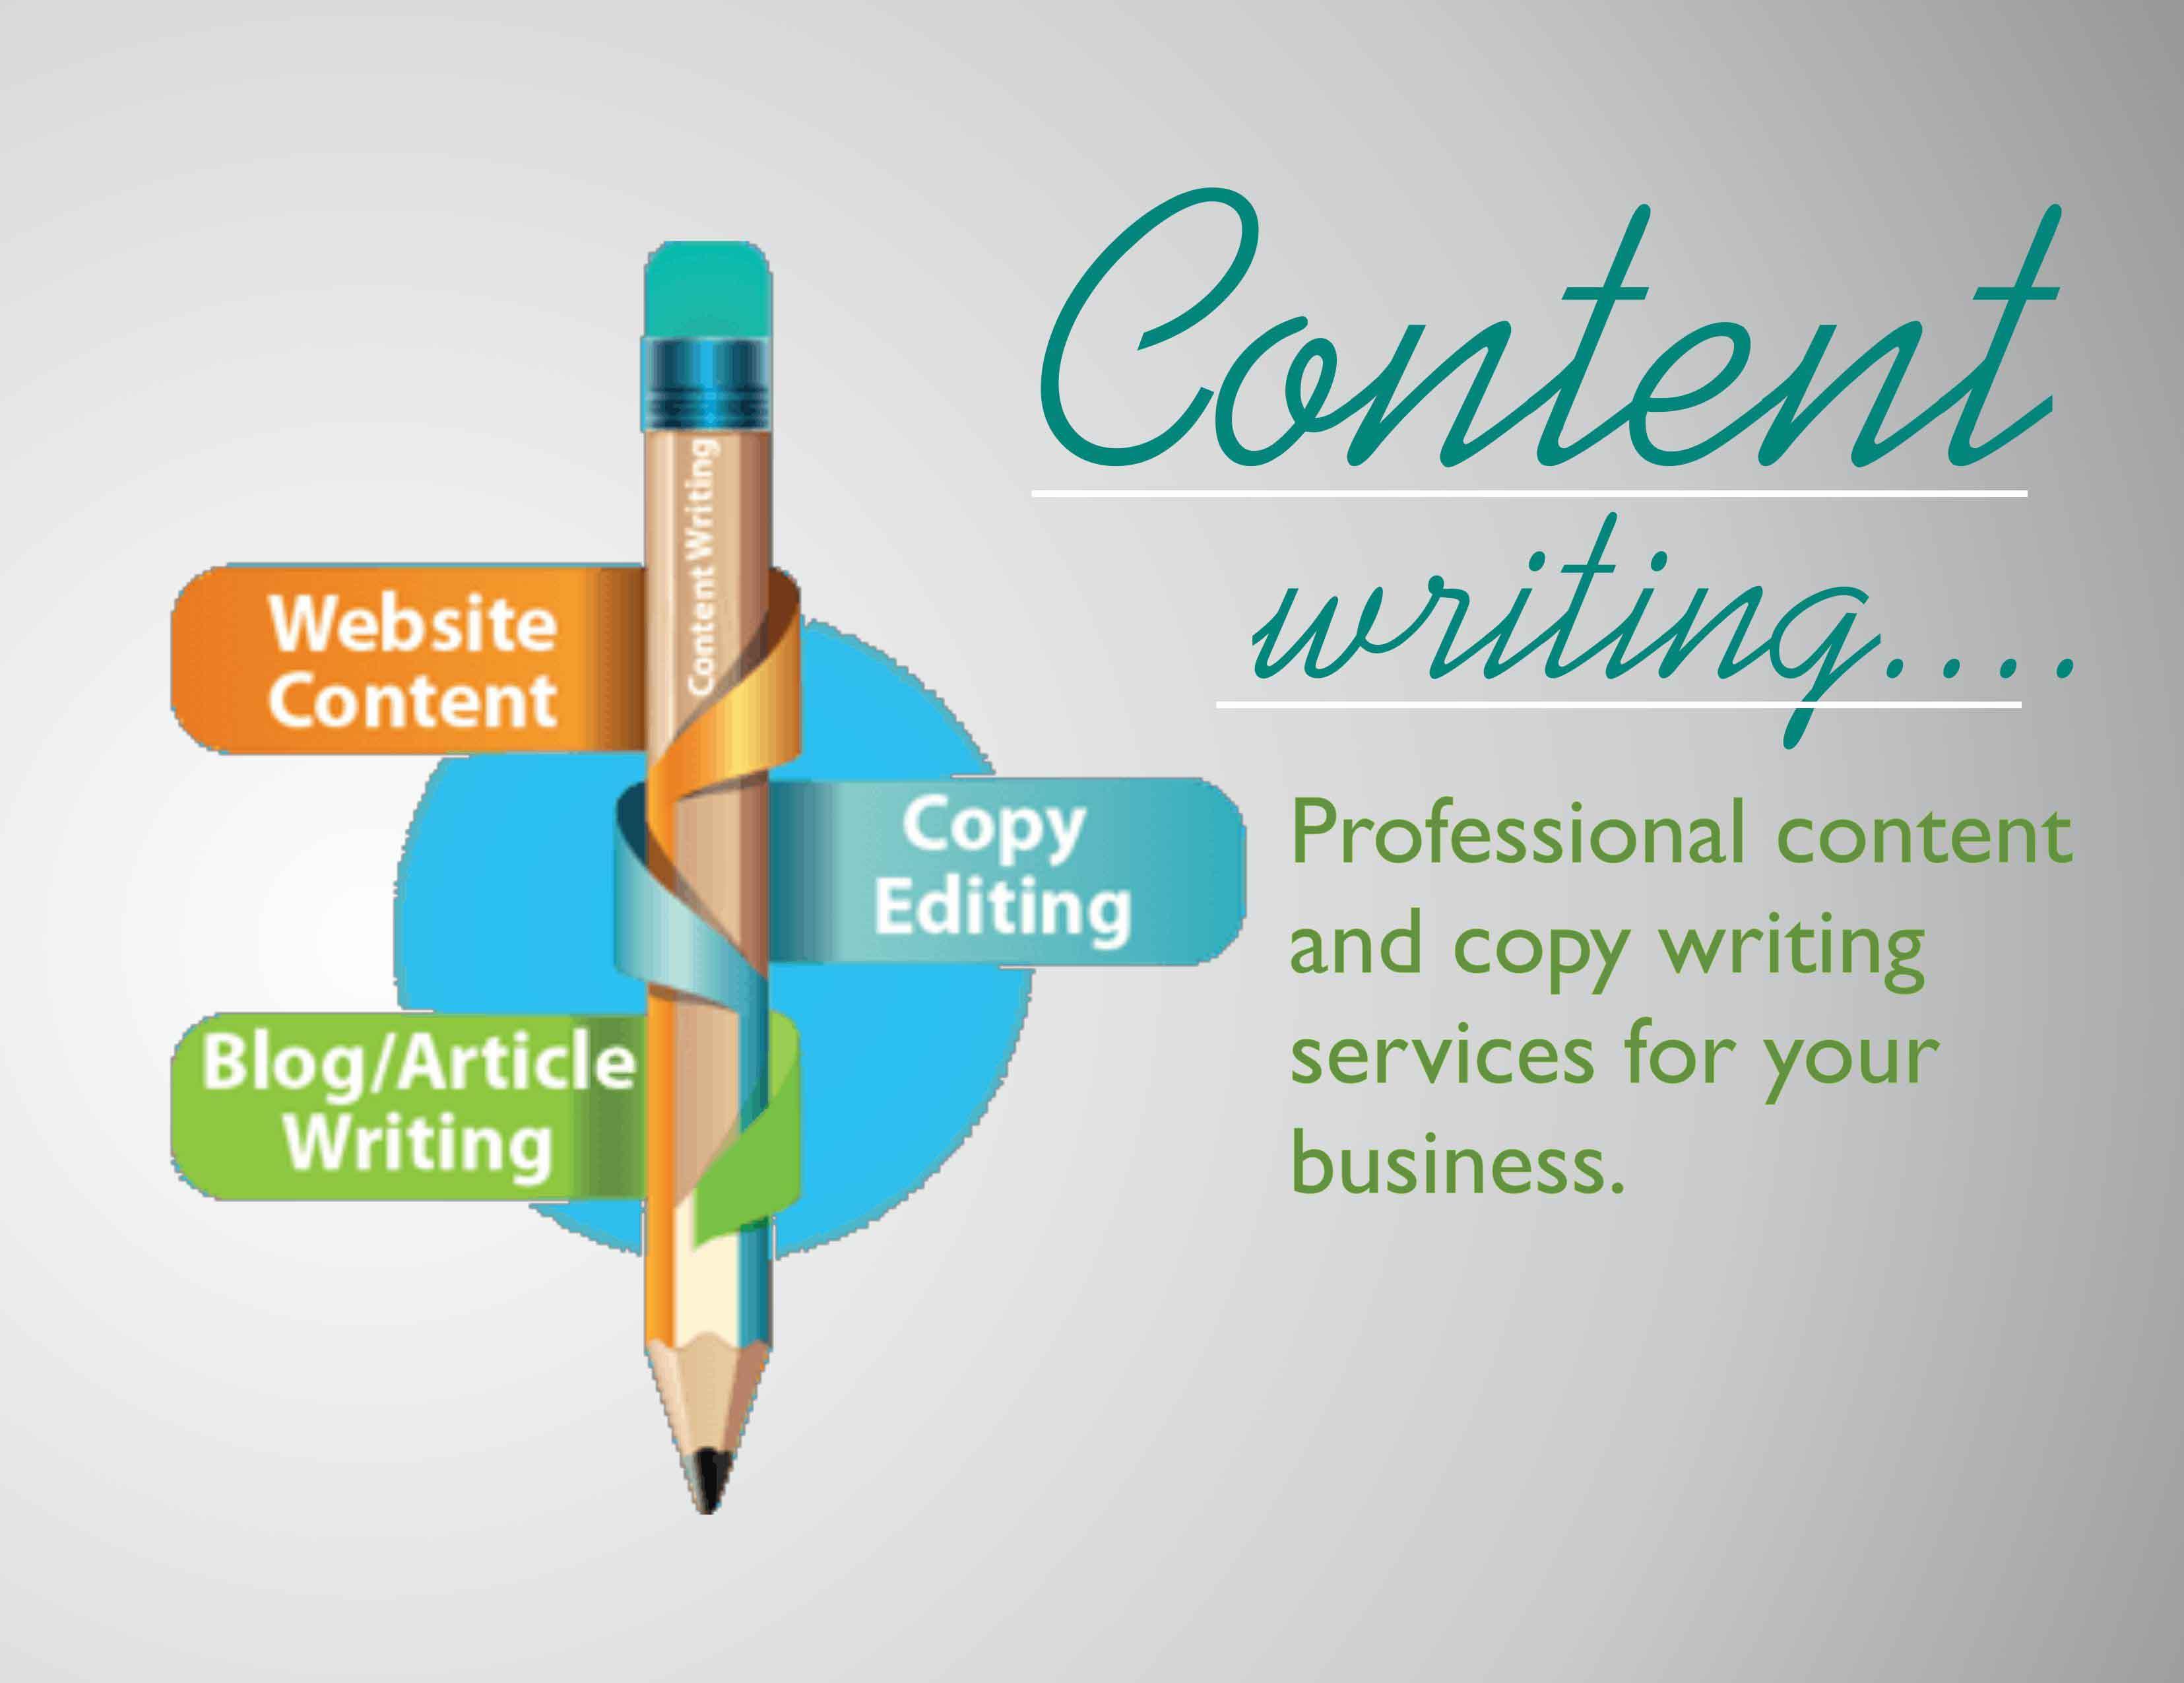 viết content thu hút dựa vào